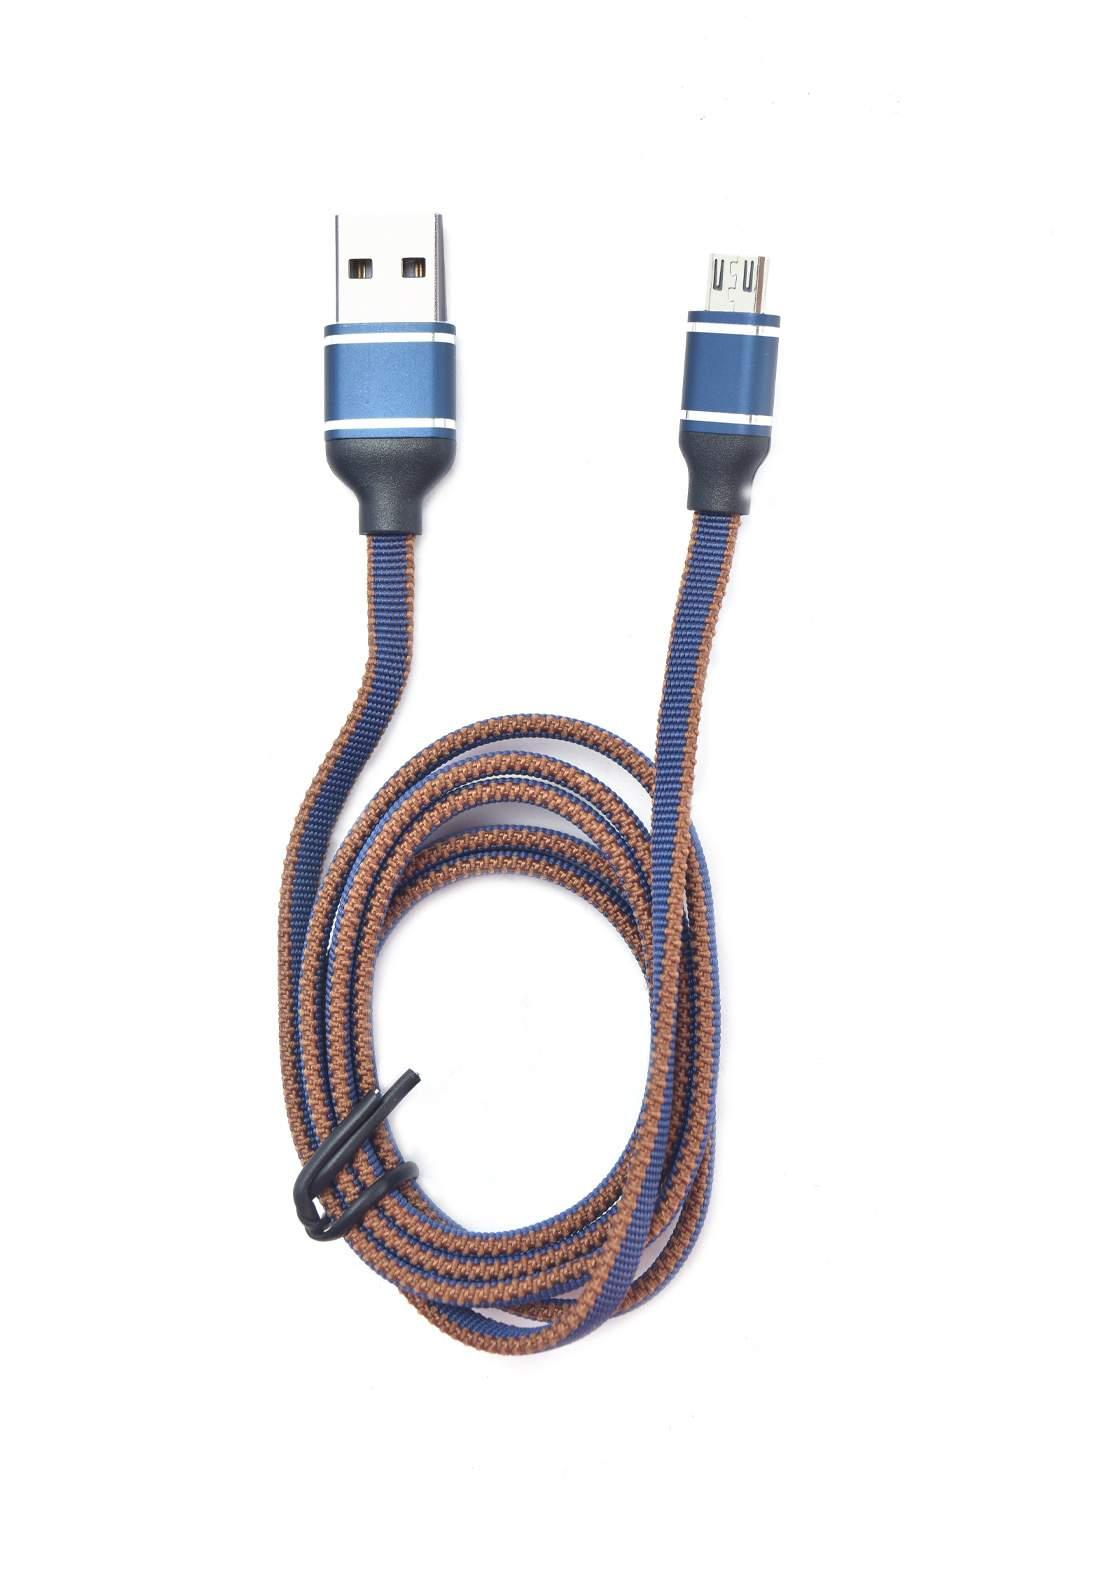 Minigood Fast USB Data Cable 1m  - Navy Blue كابل